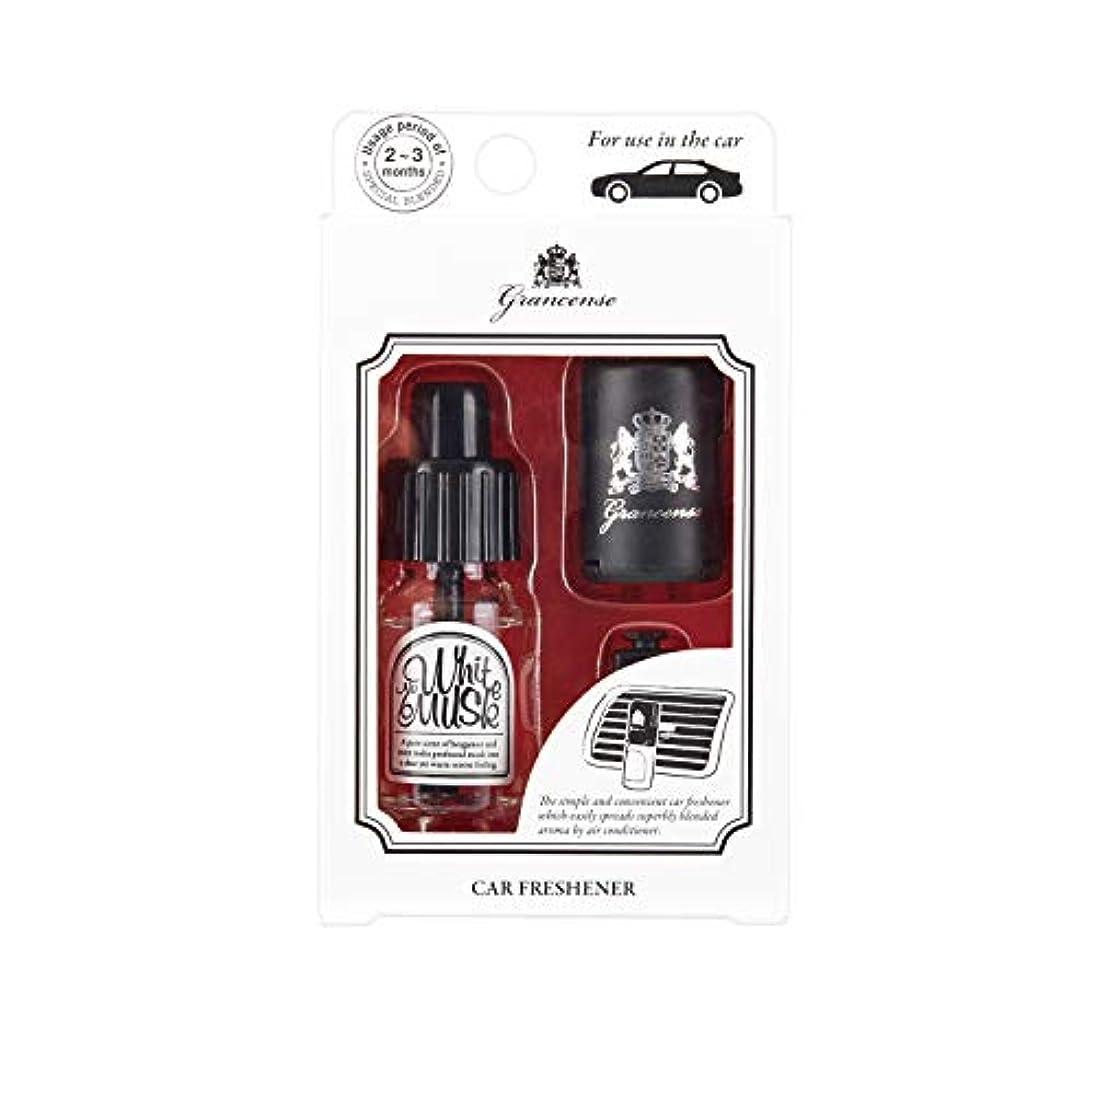 サスペンド天才援助するグランセンス カーフレッシュナー ホワイトムスク 10mL (車用芳香剤 カーディフューザー 2-3ヶ月 日本製)